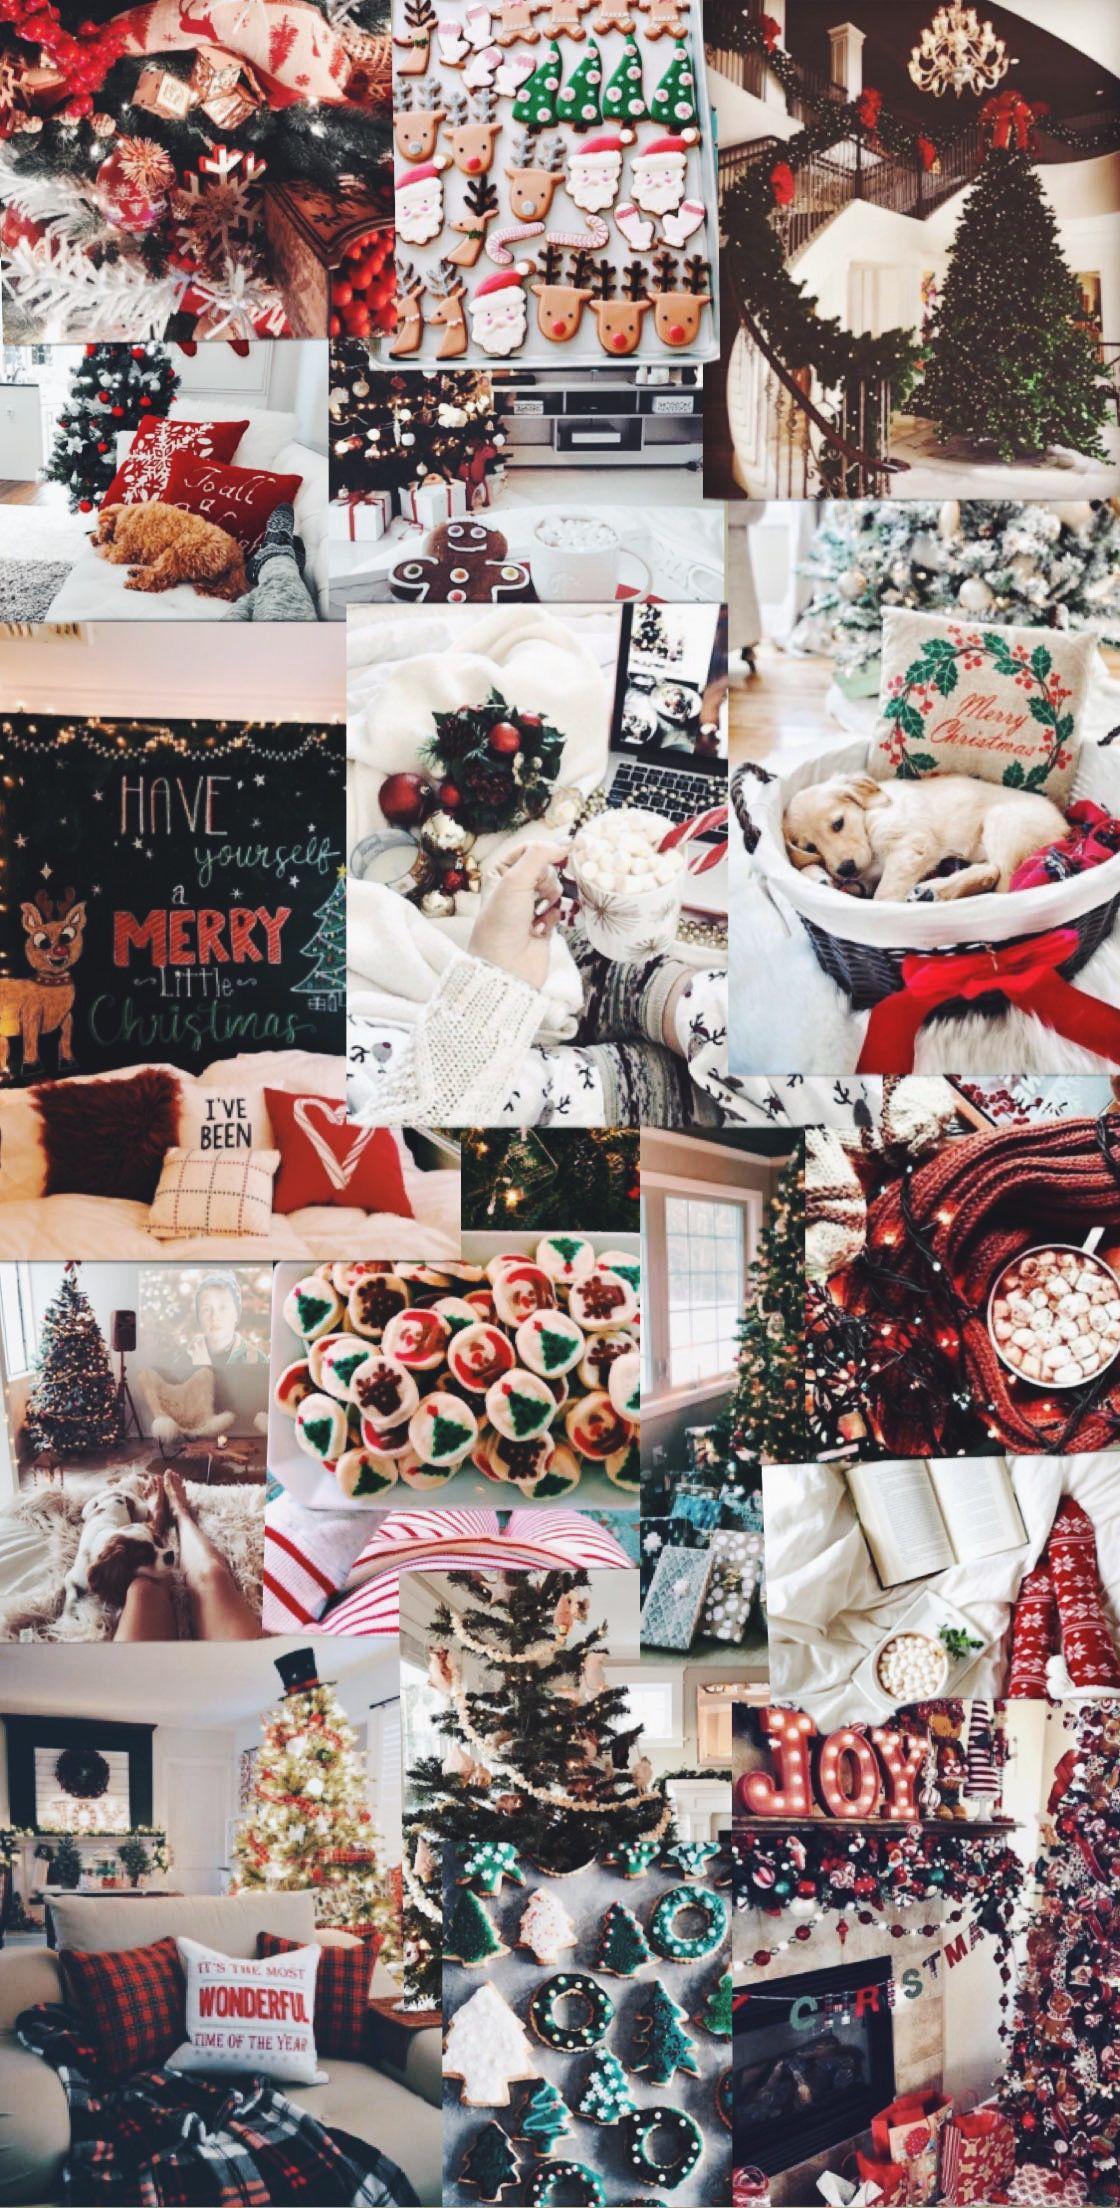 Christmas Wallpaper Christmas Wallpapers Tumblr Merry Christmas Wallpaper Christmas Collage